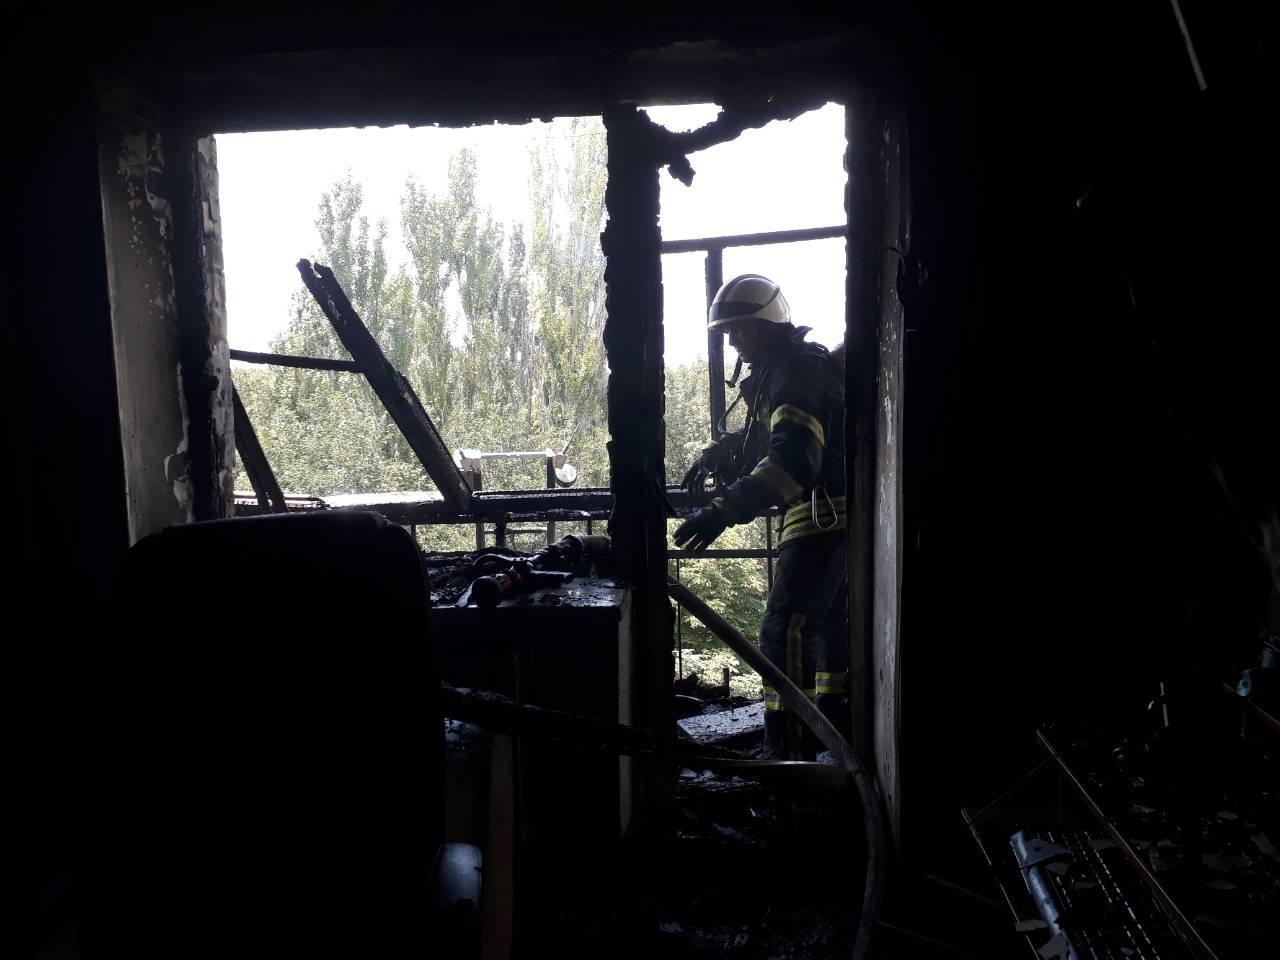 Рятувальники розповіли подробиці вчорашньої пожежі у Херсоні, фото-1